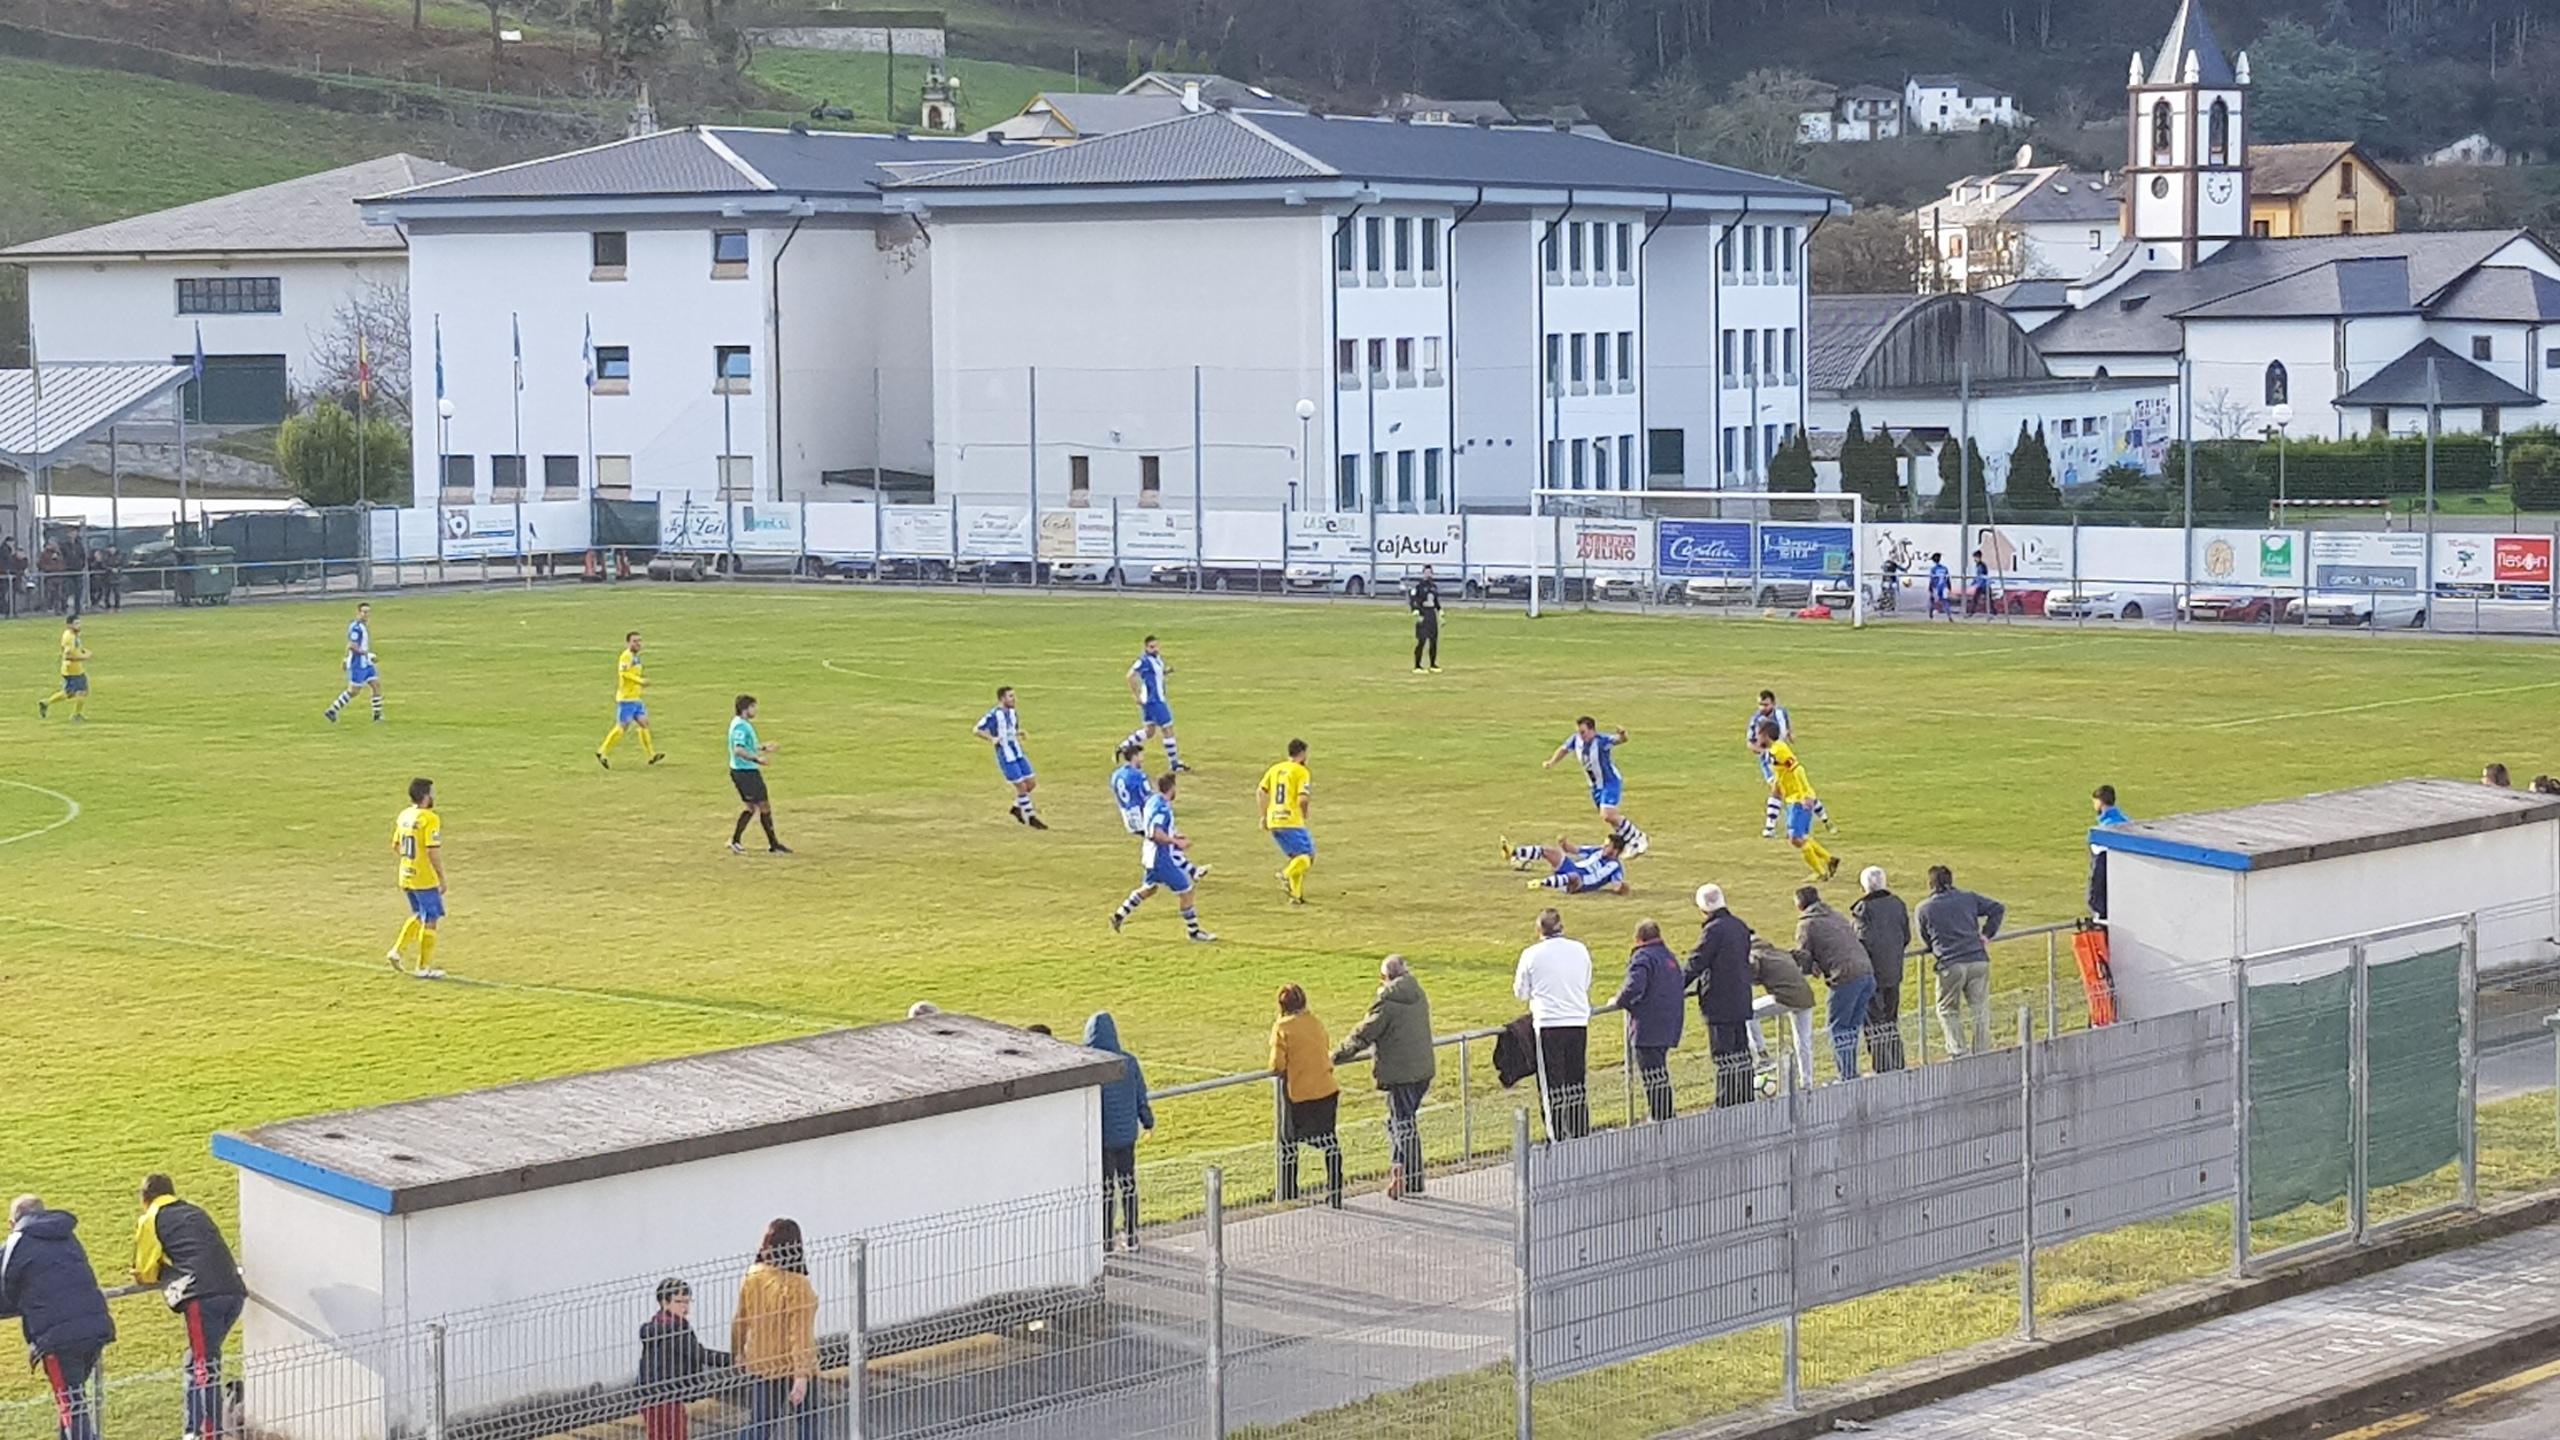 El Treviense se mantiene fuerte en San Miguel y golea al Muros (4-1)